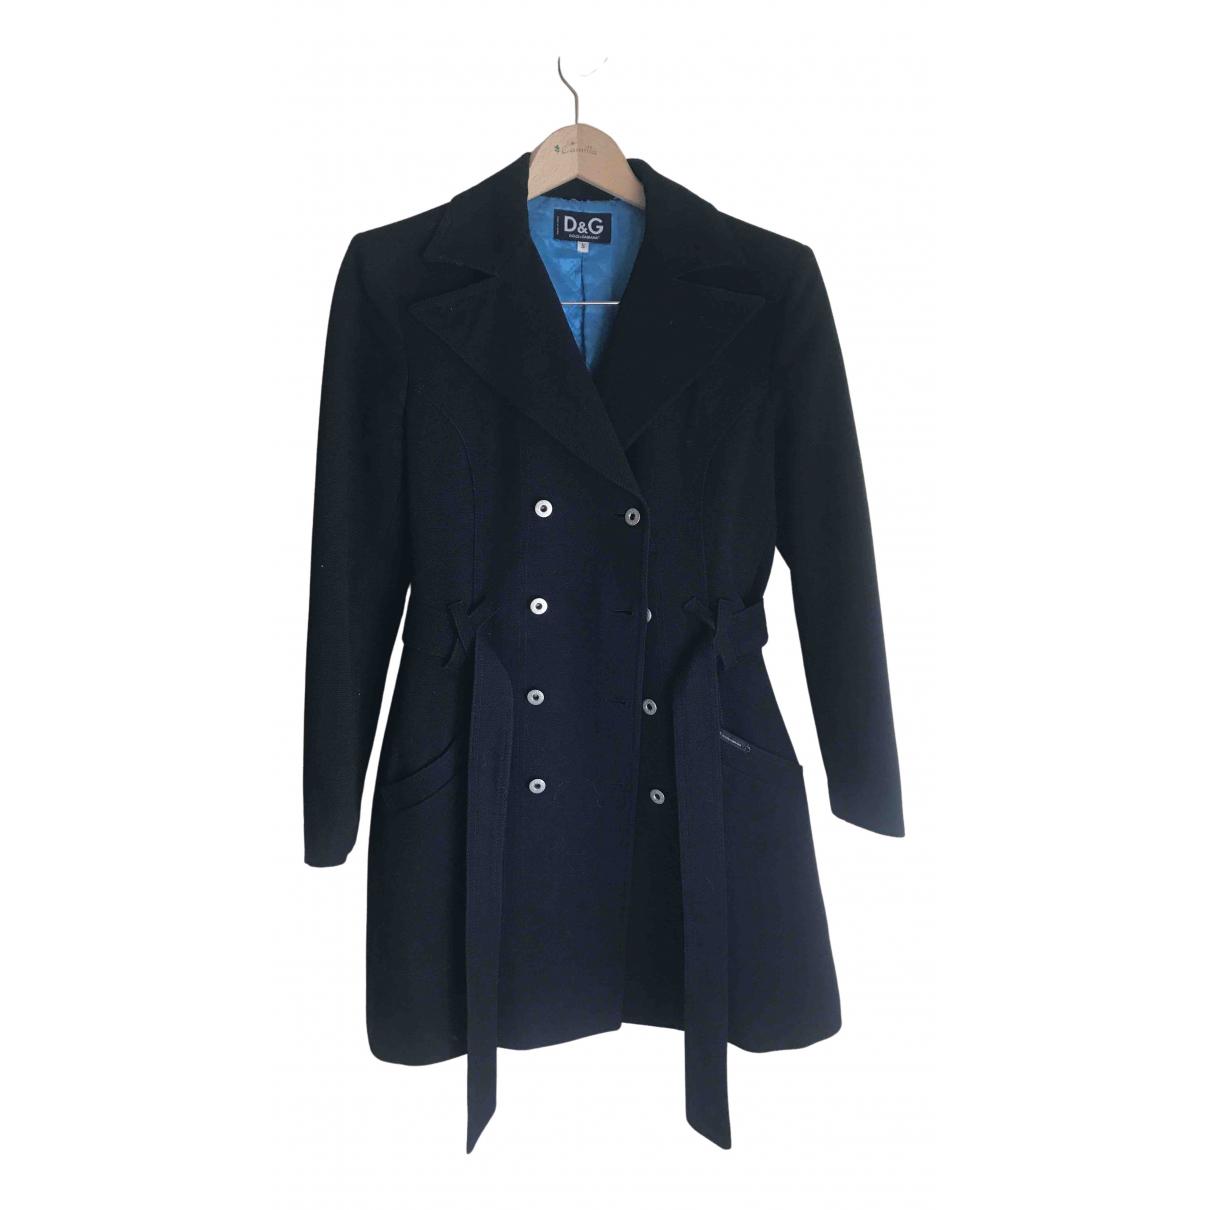 D&g N Black Wool coat for Women S International